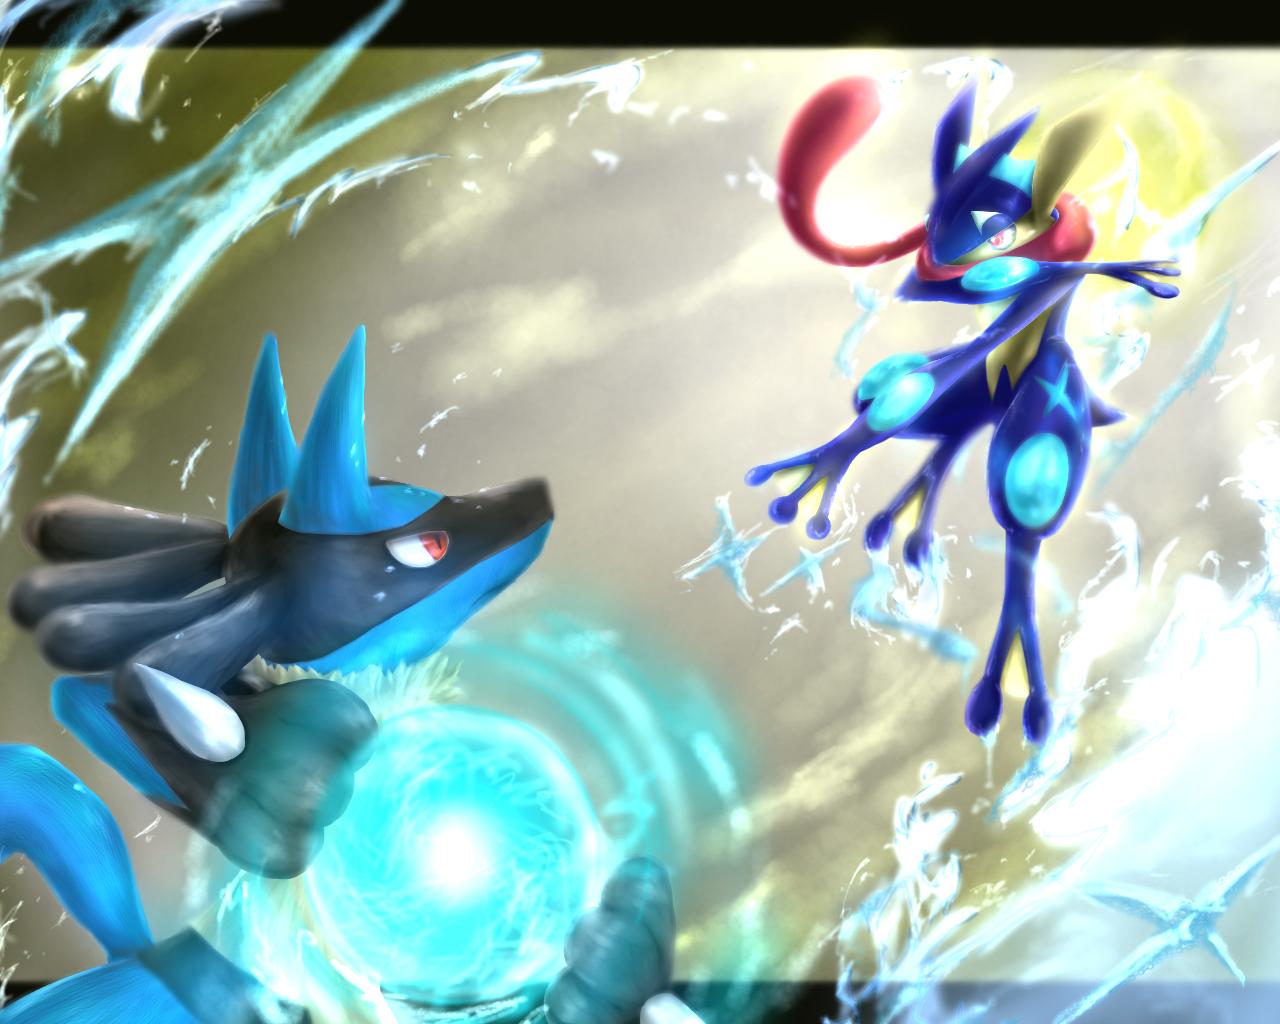 ポケモン ルカリオとゲッコウガ Richardのイラスト Pokemon